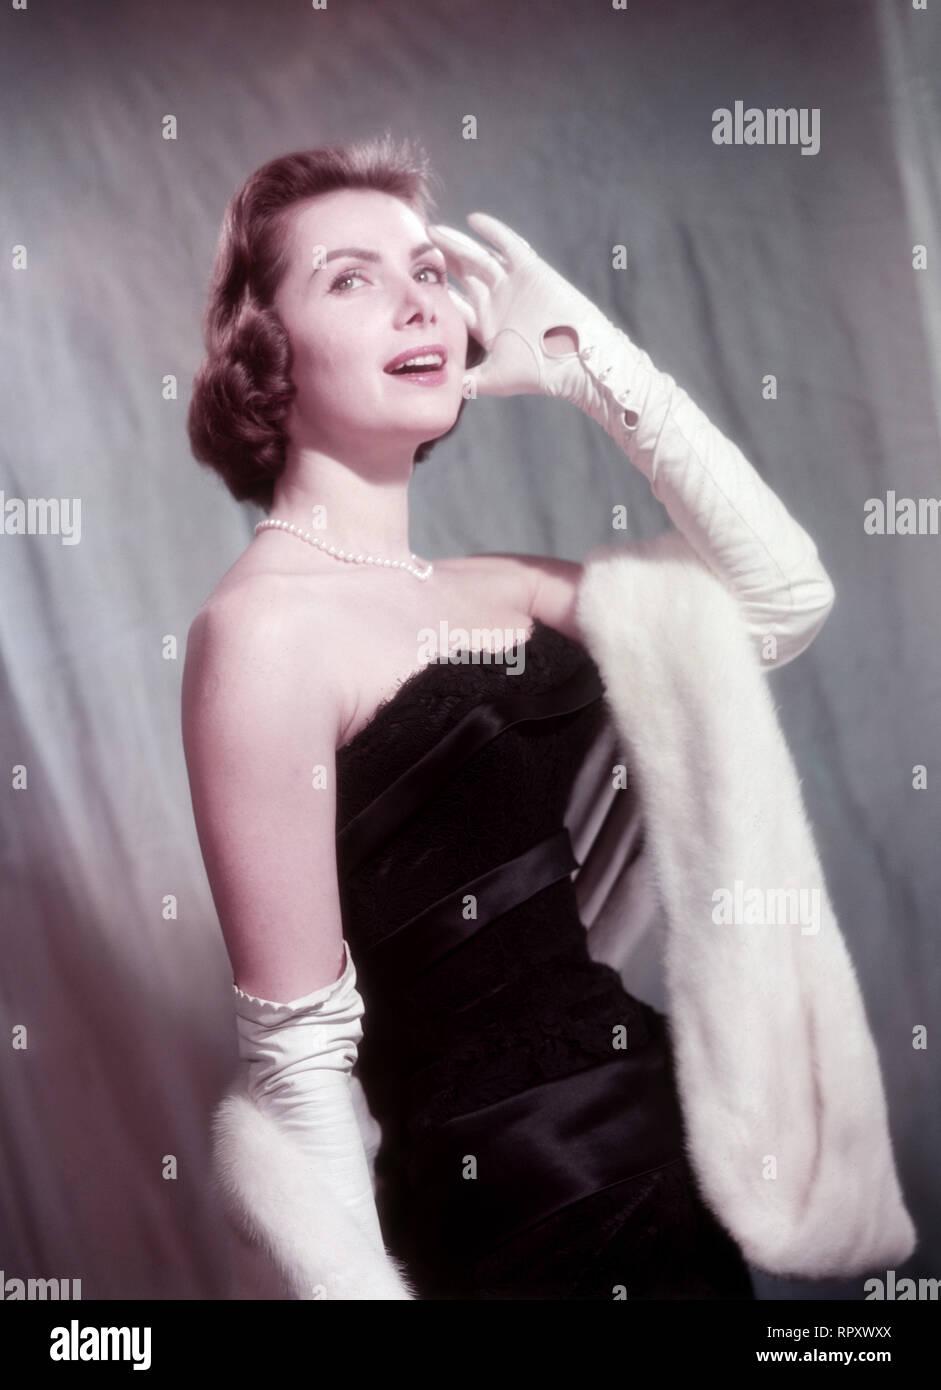 Margit Nünke, deutsche Schauspielerin und Fotomodell. Miss Germany (1955), Miss Europe (1956). Studioaufnahme, ca. 1955. German actress Margit Nuenke, model, former Miss Germany (1955) and Miss Europe (1956). Studio Still, 1955. - Stock Image